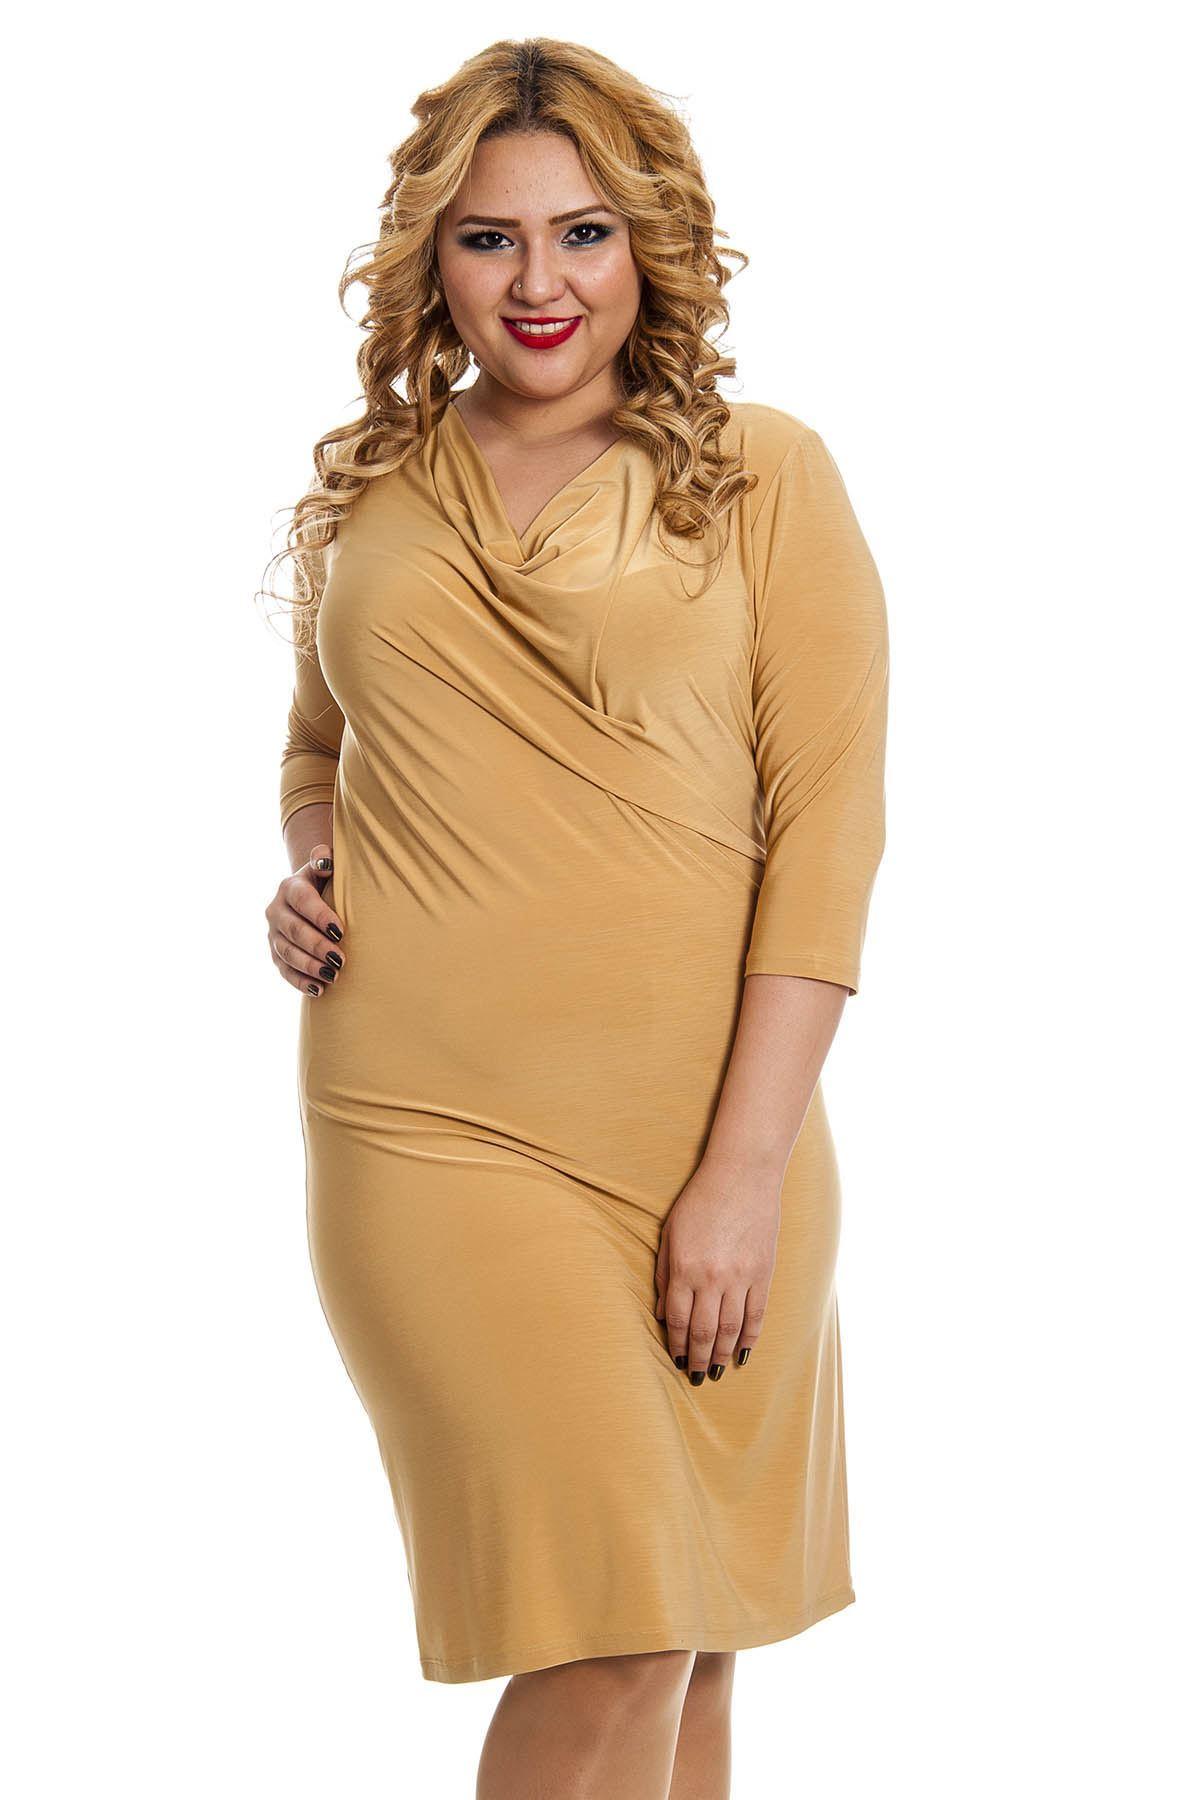 Büyük Beden Hardal Sarısı Degaje Yaka Kadın Elbise F11-128484